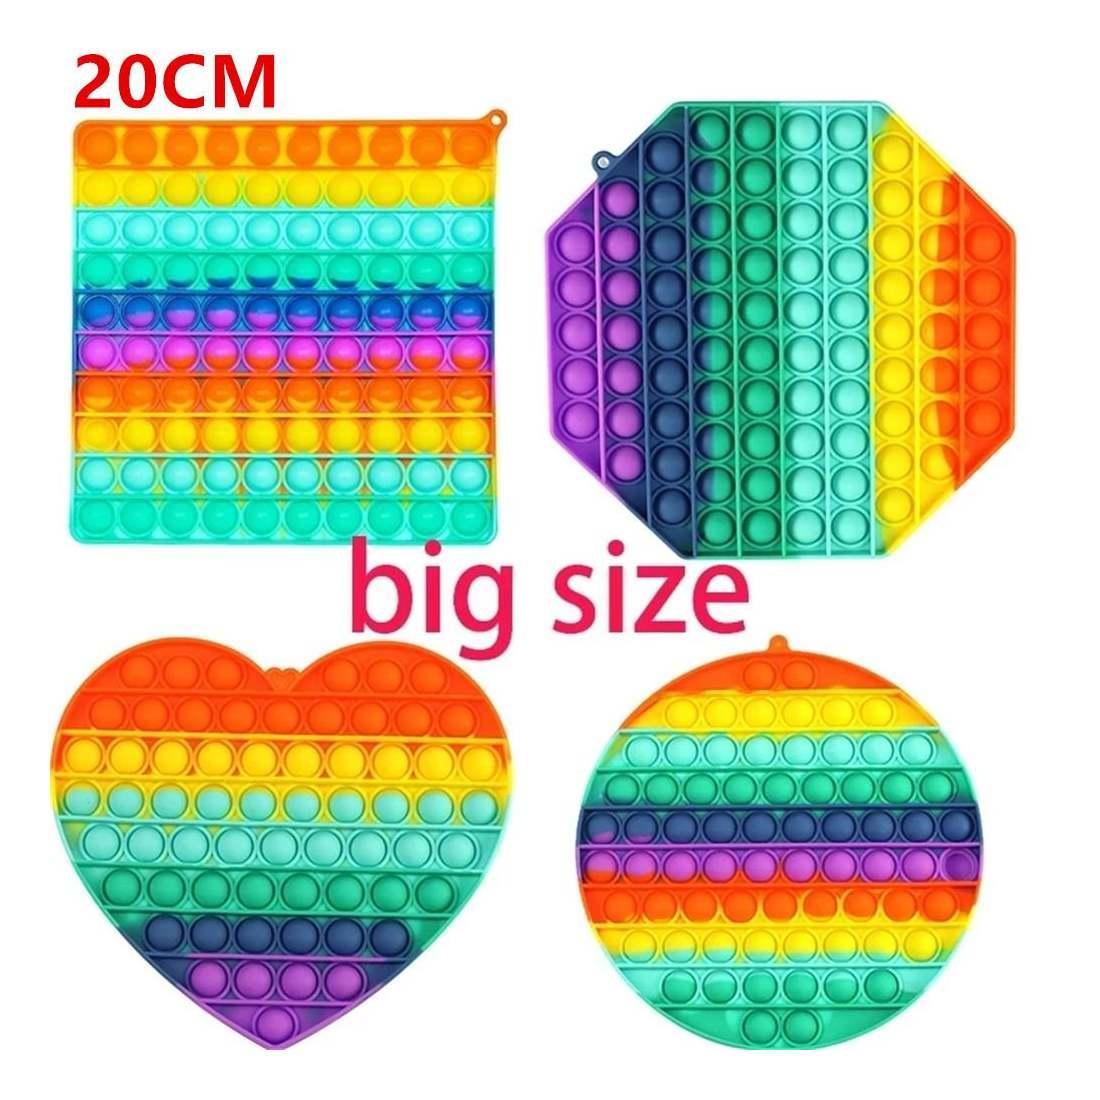 Тикток Большой Размер Красочный Push Pops Fivet Bubble Sensosy Squishy Revere reviever Аутизм нуждается в борьбе с напряжением поп-it Rainbow Toys DHL DHL